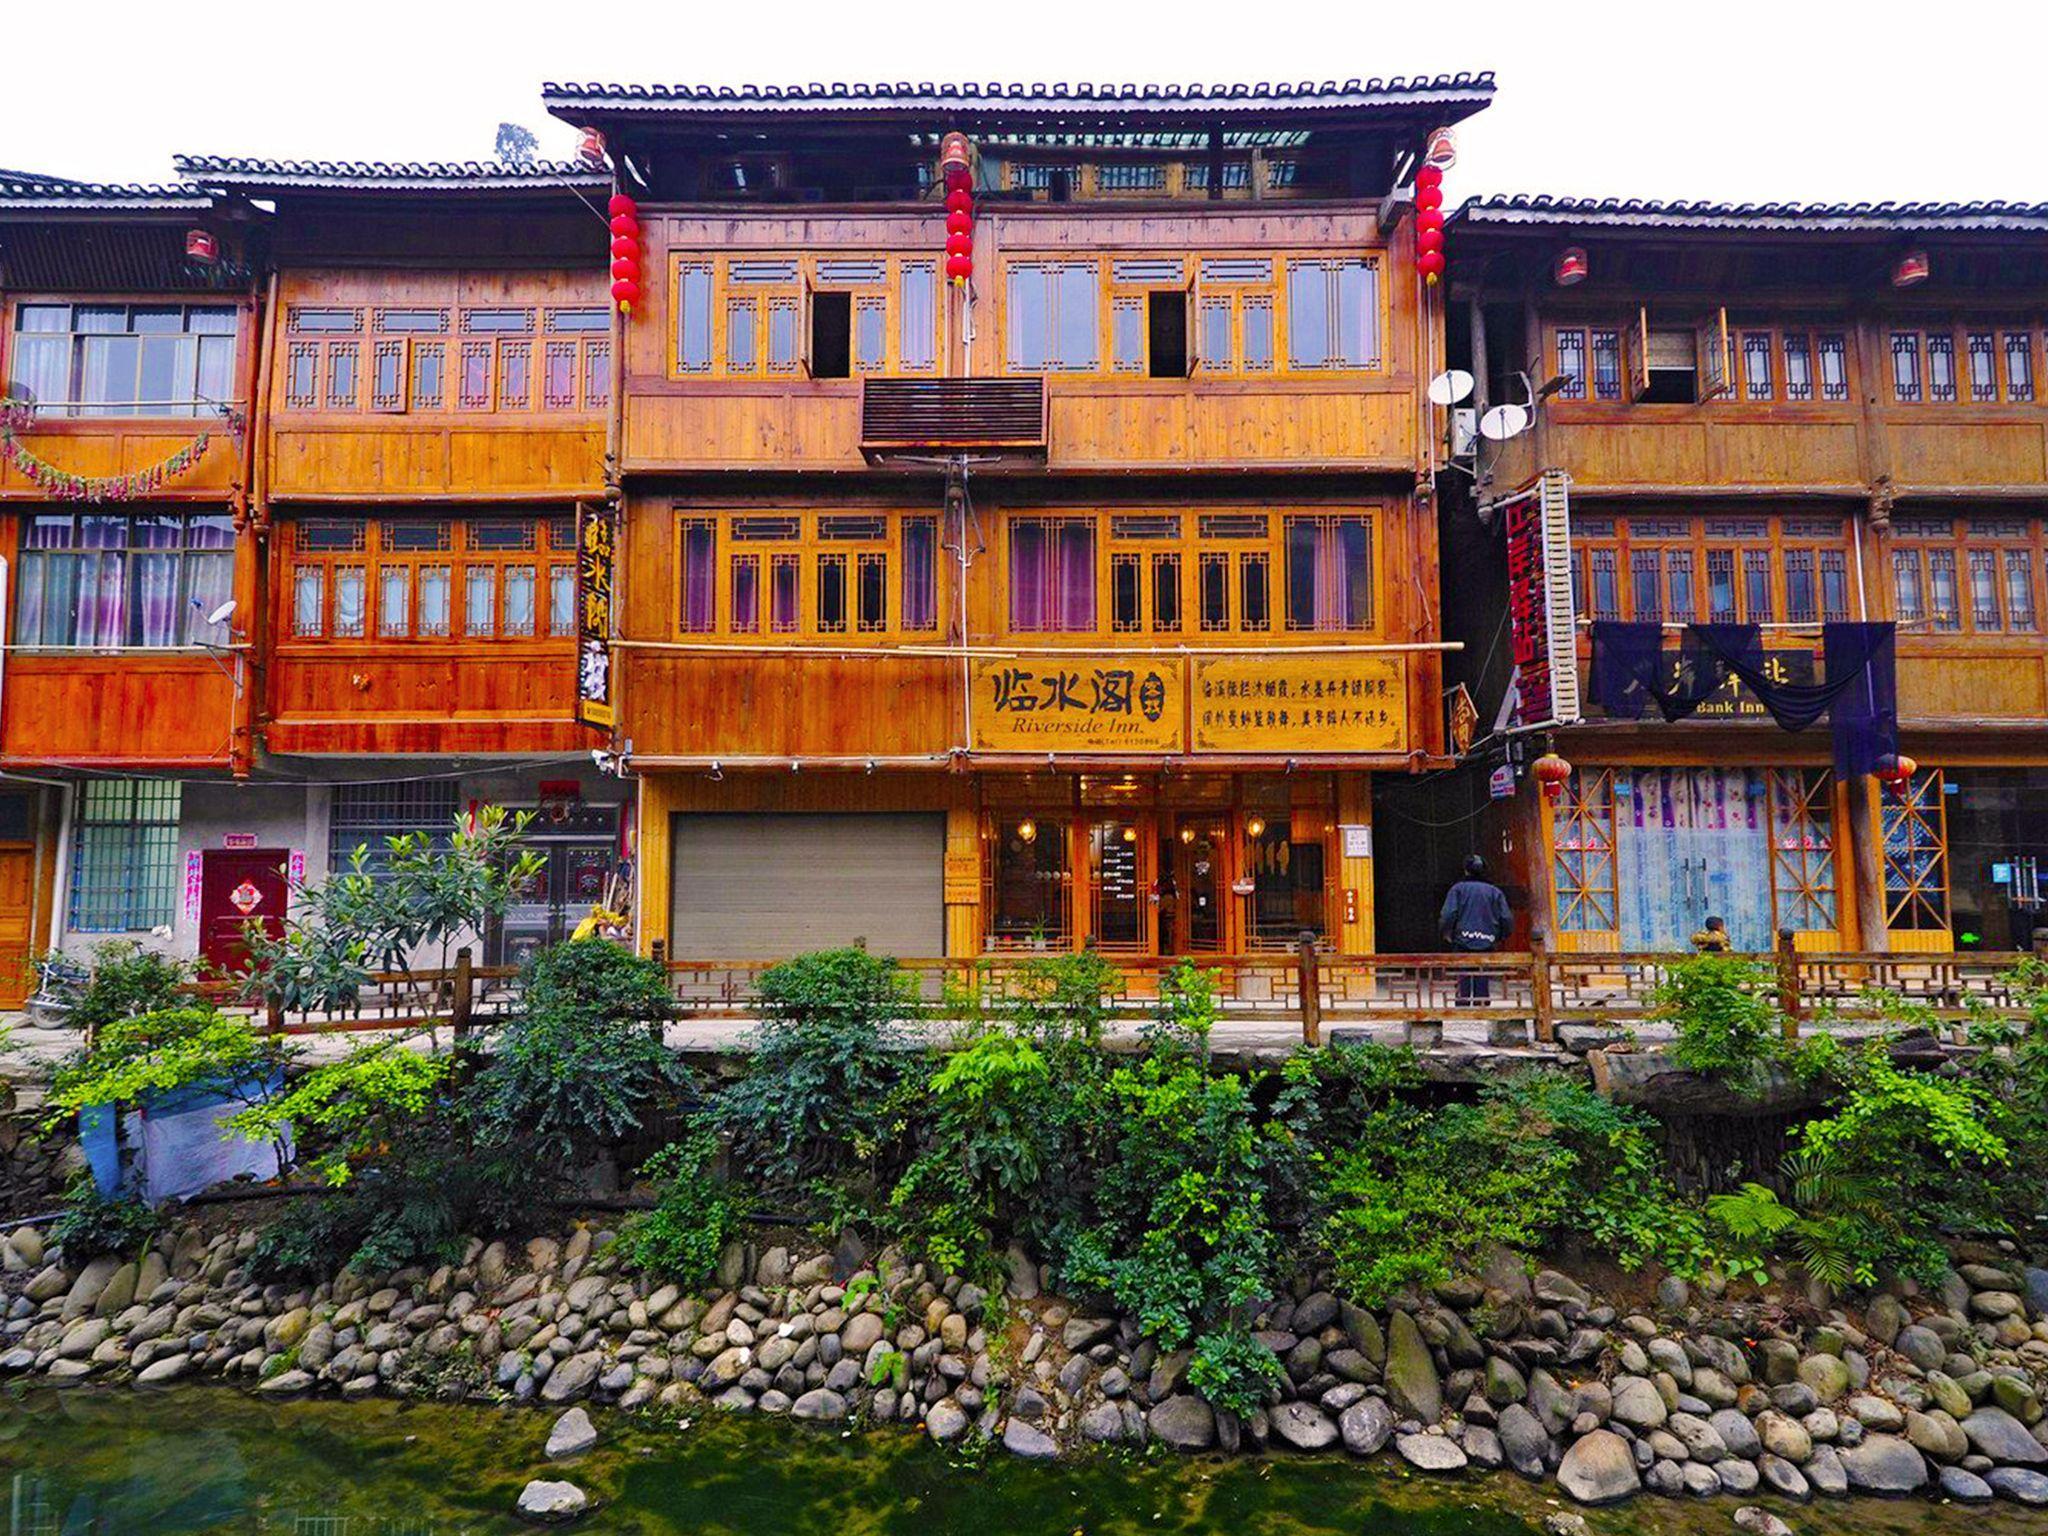 Zhaoxing Linshuige Yododo Inn, Qiandongnan Miao and Dong